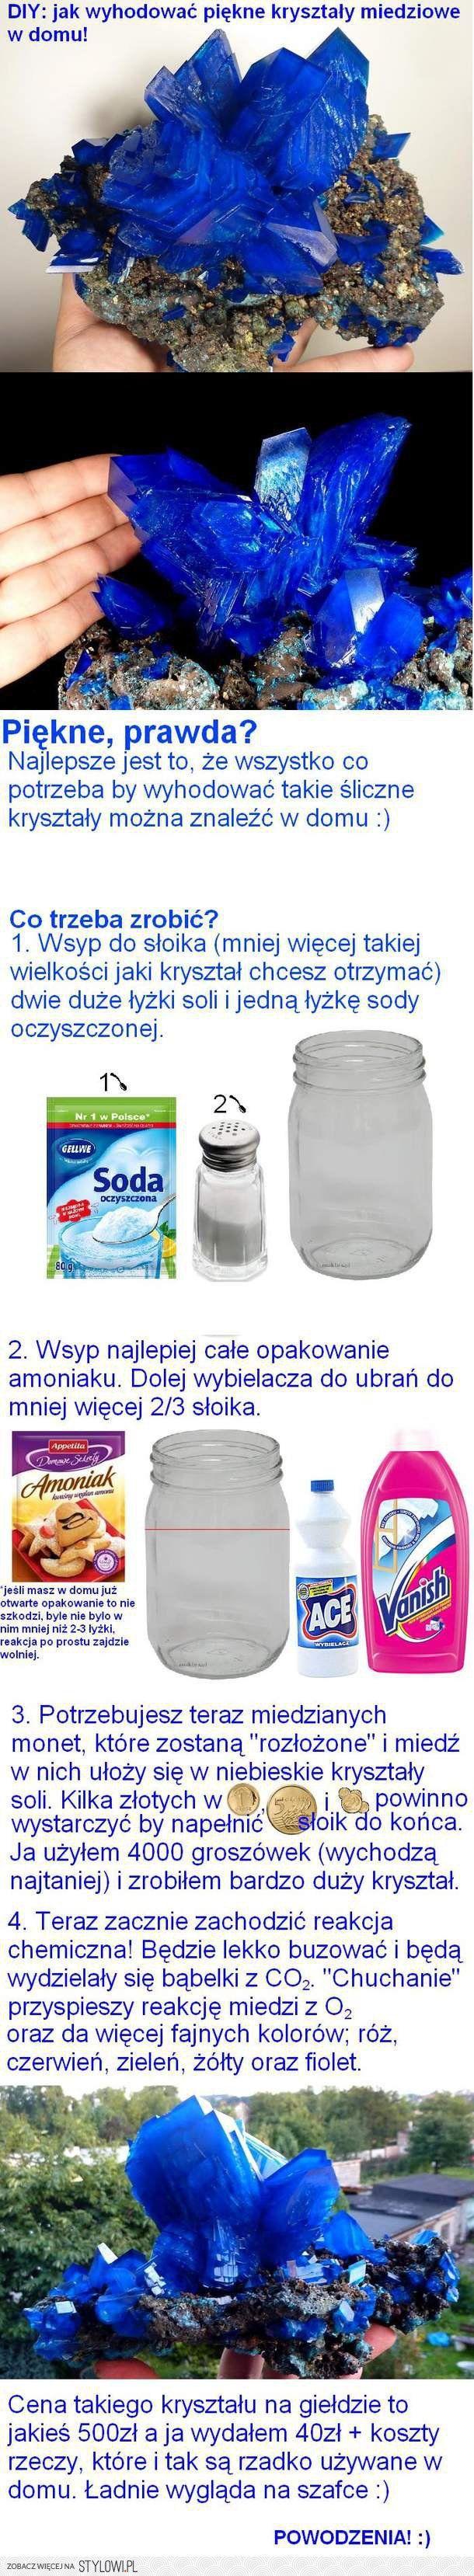 jak zrobić kryształ miedziowy na Stylowi.pl